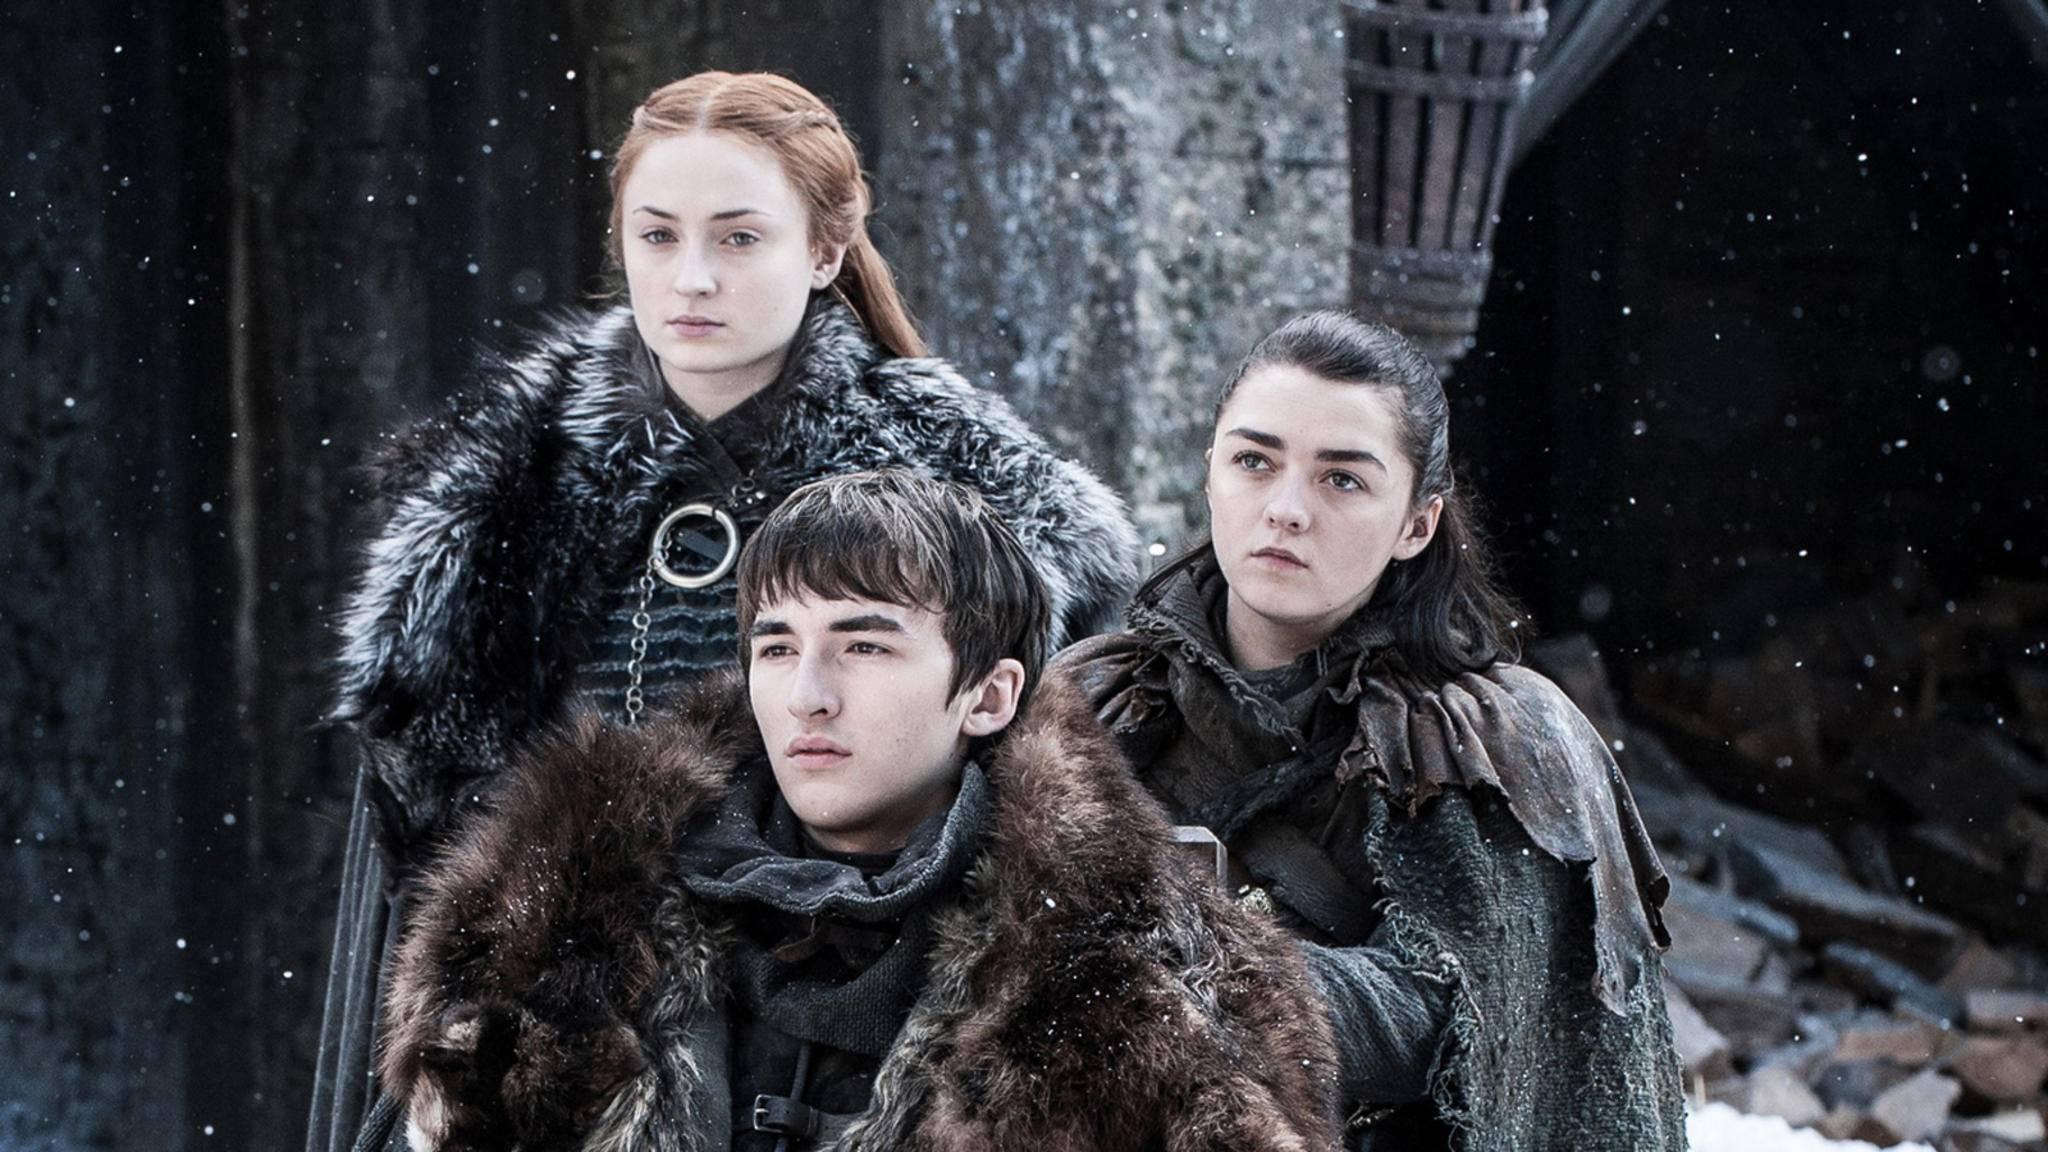 """Hatte die tote Mutter der Stark-Kinder in """"Game of Thrones"""" etwa einen Cameo-Auftritt?"""